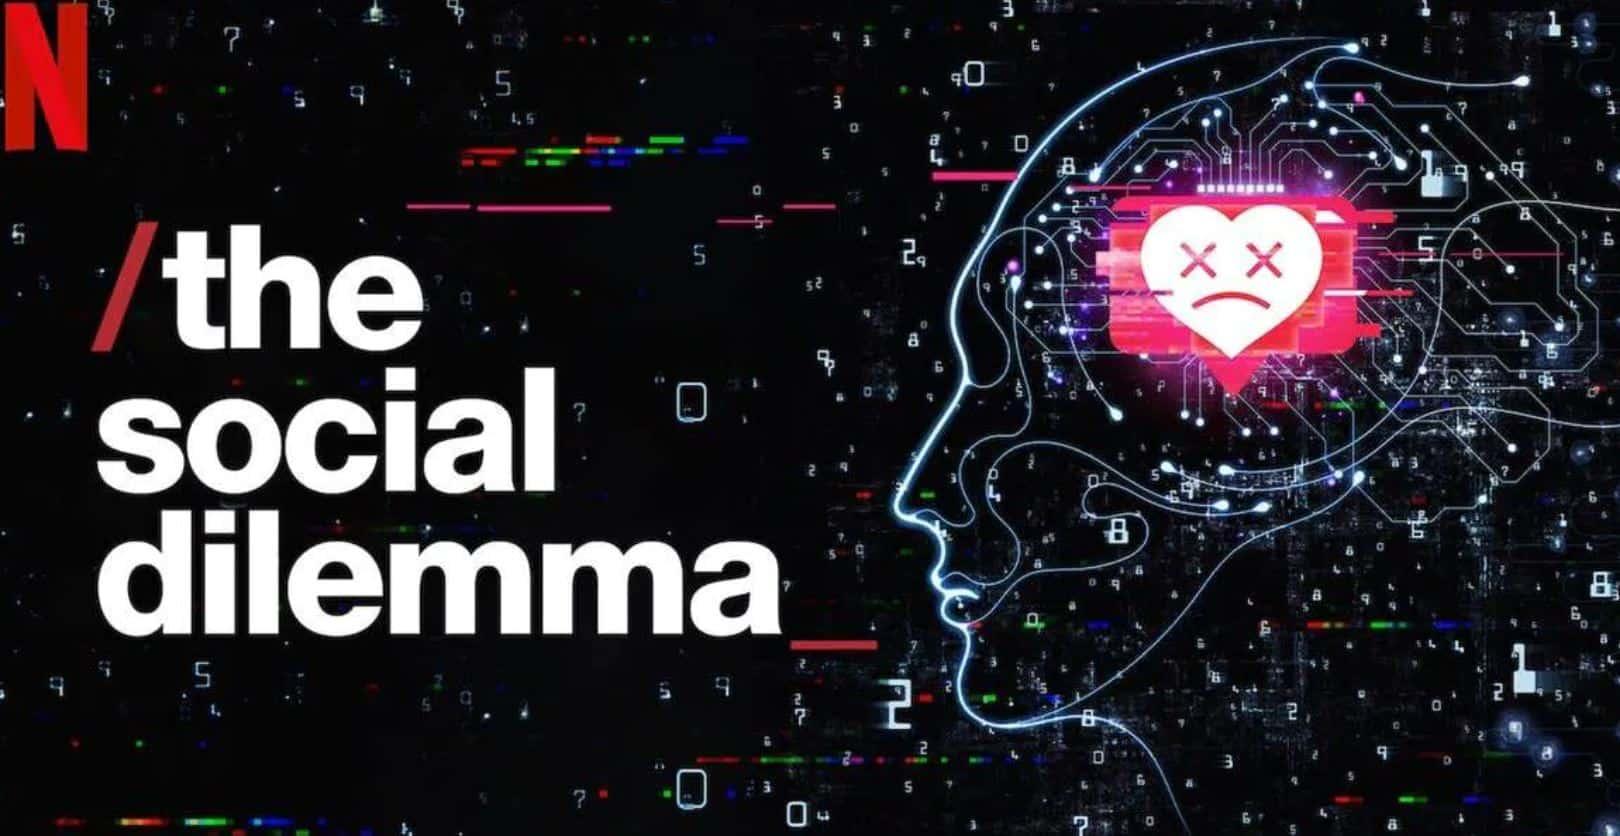 The Social Dilemma: tutti ne parlano, vale la pena vederlo?